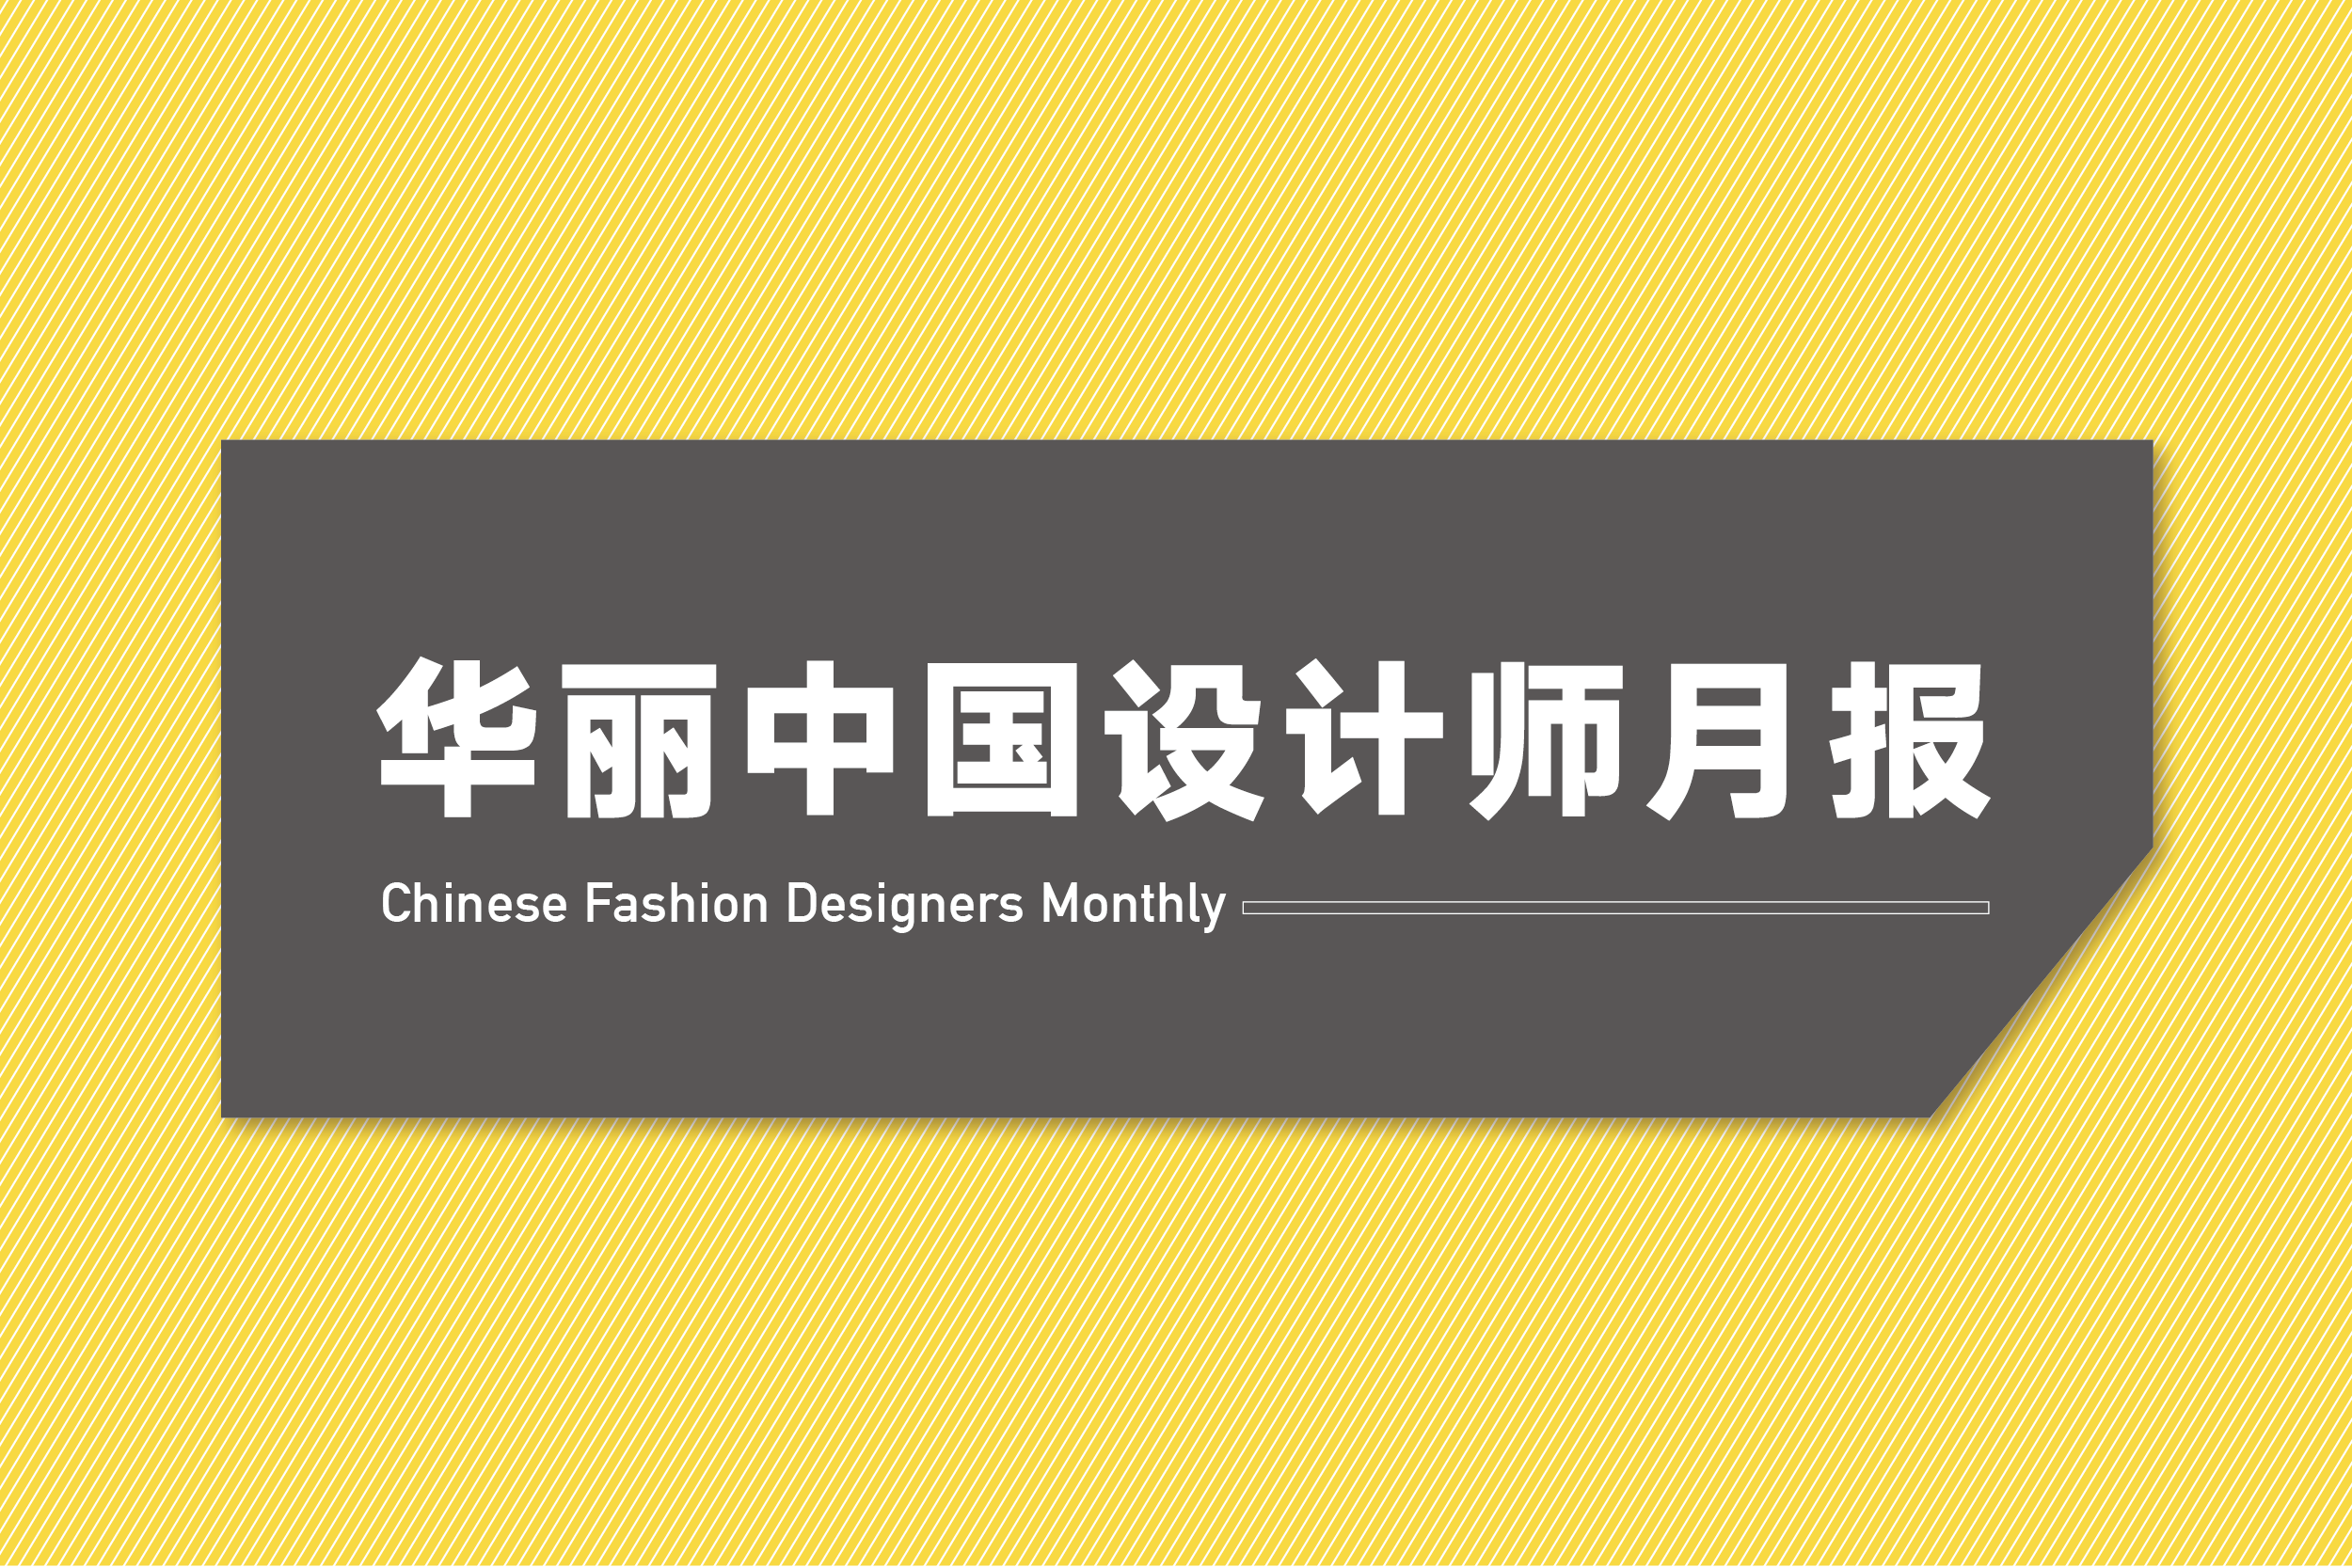 国际四大时装周又启动了,哪些中国设计师会参与其中?【华丽中国设计师月报】2019年1月